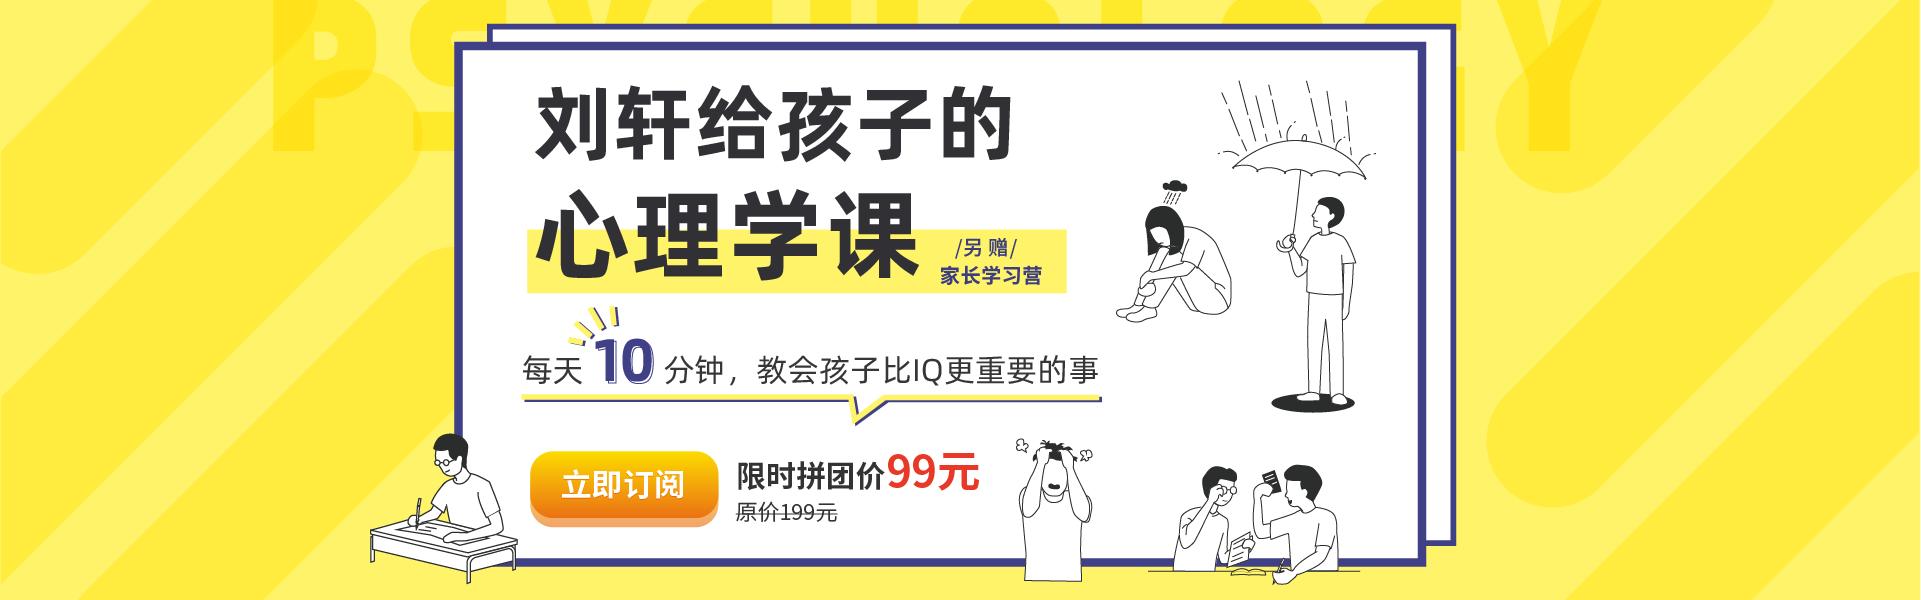 刘轩-心理课